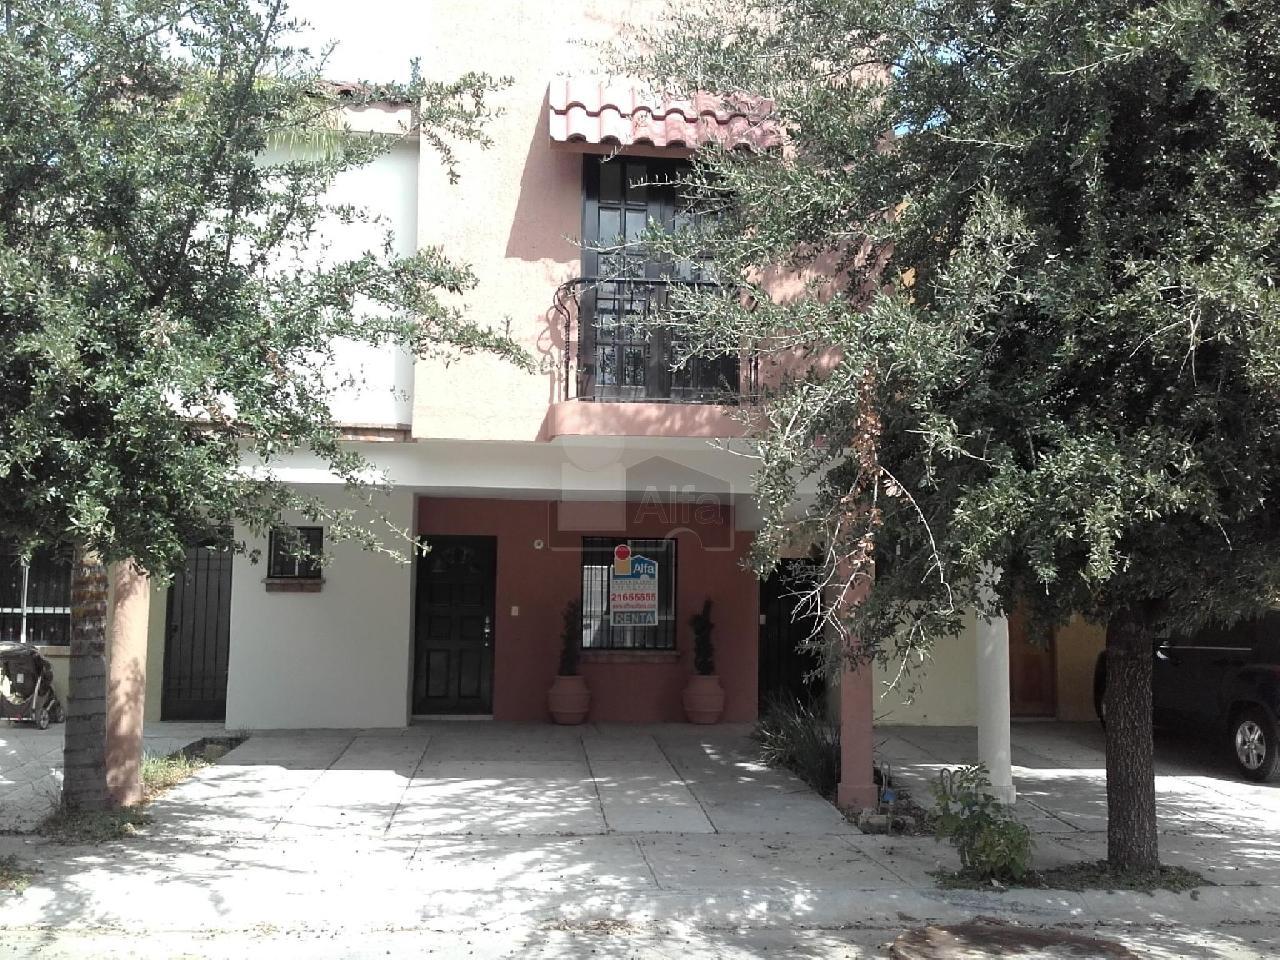 Casa en renta en los faisanes guadalupe goplaceit for Casas en renta guadalupe